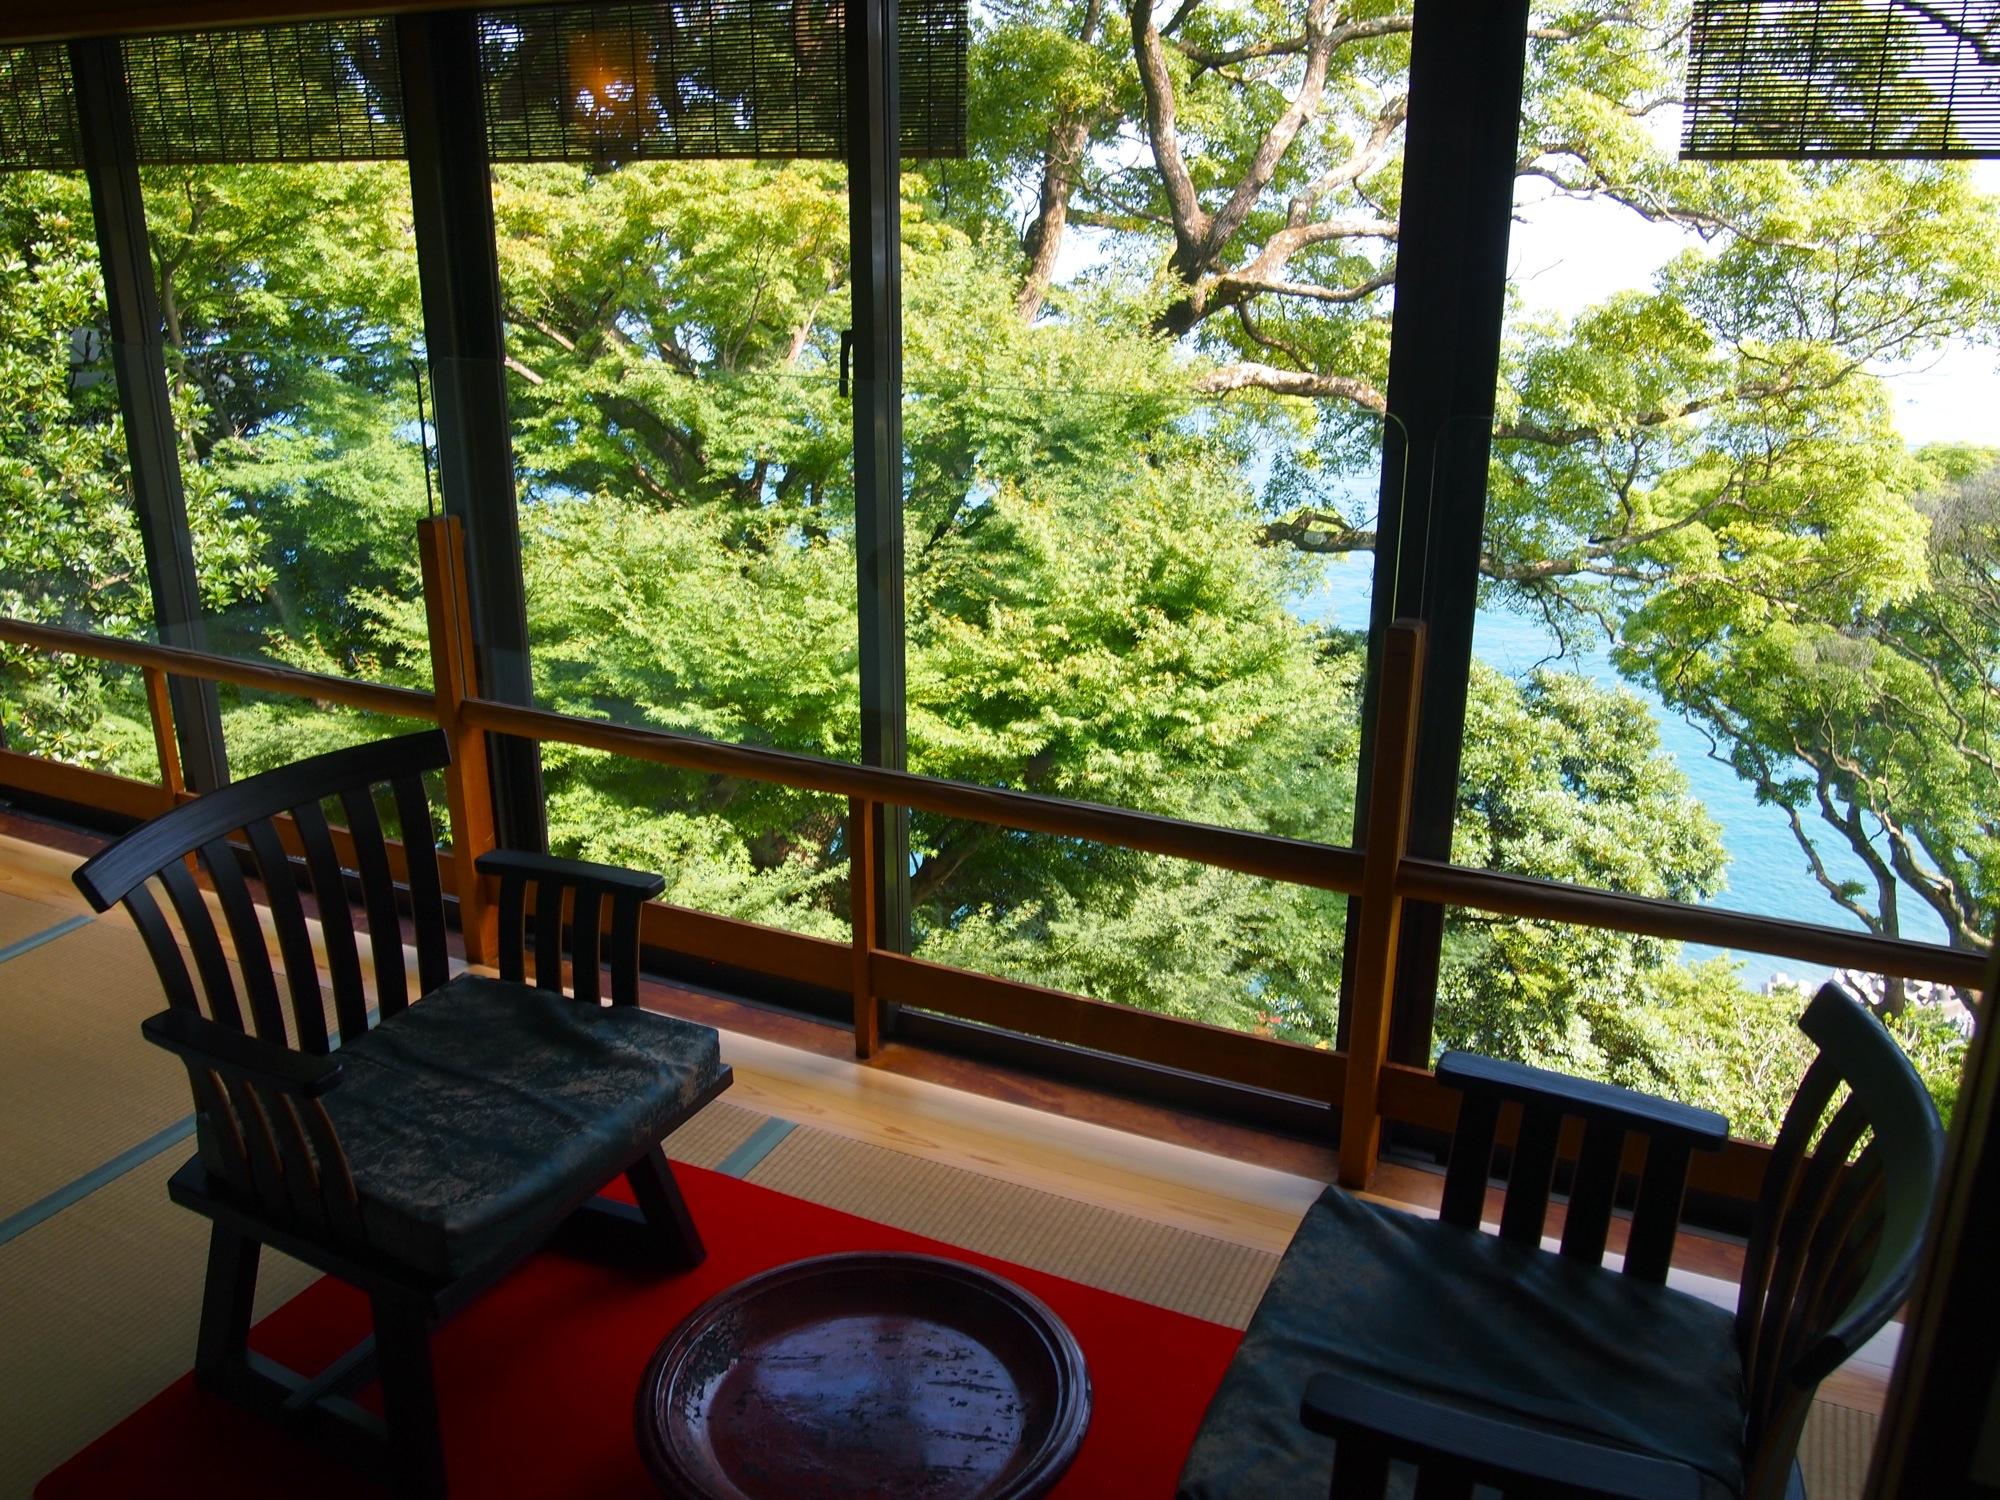 「星野リゾート  界熱海」に行ってきました その1<進藤やす子のおでかけブログ>